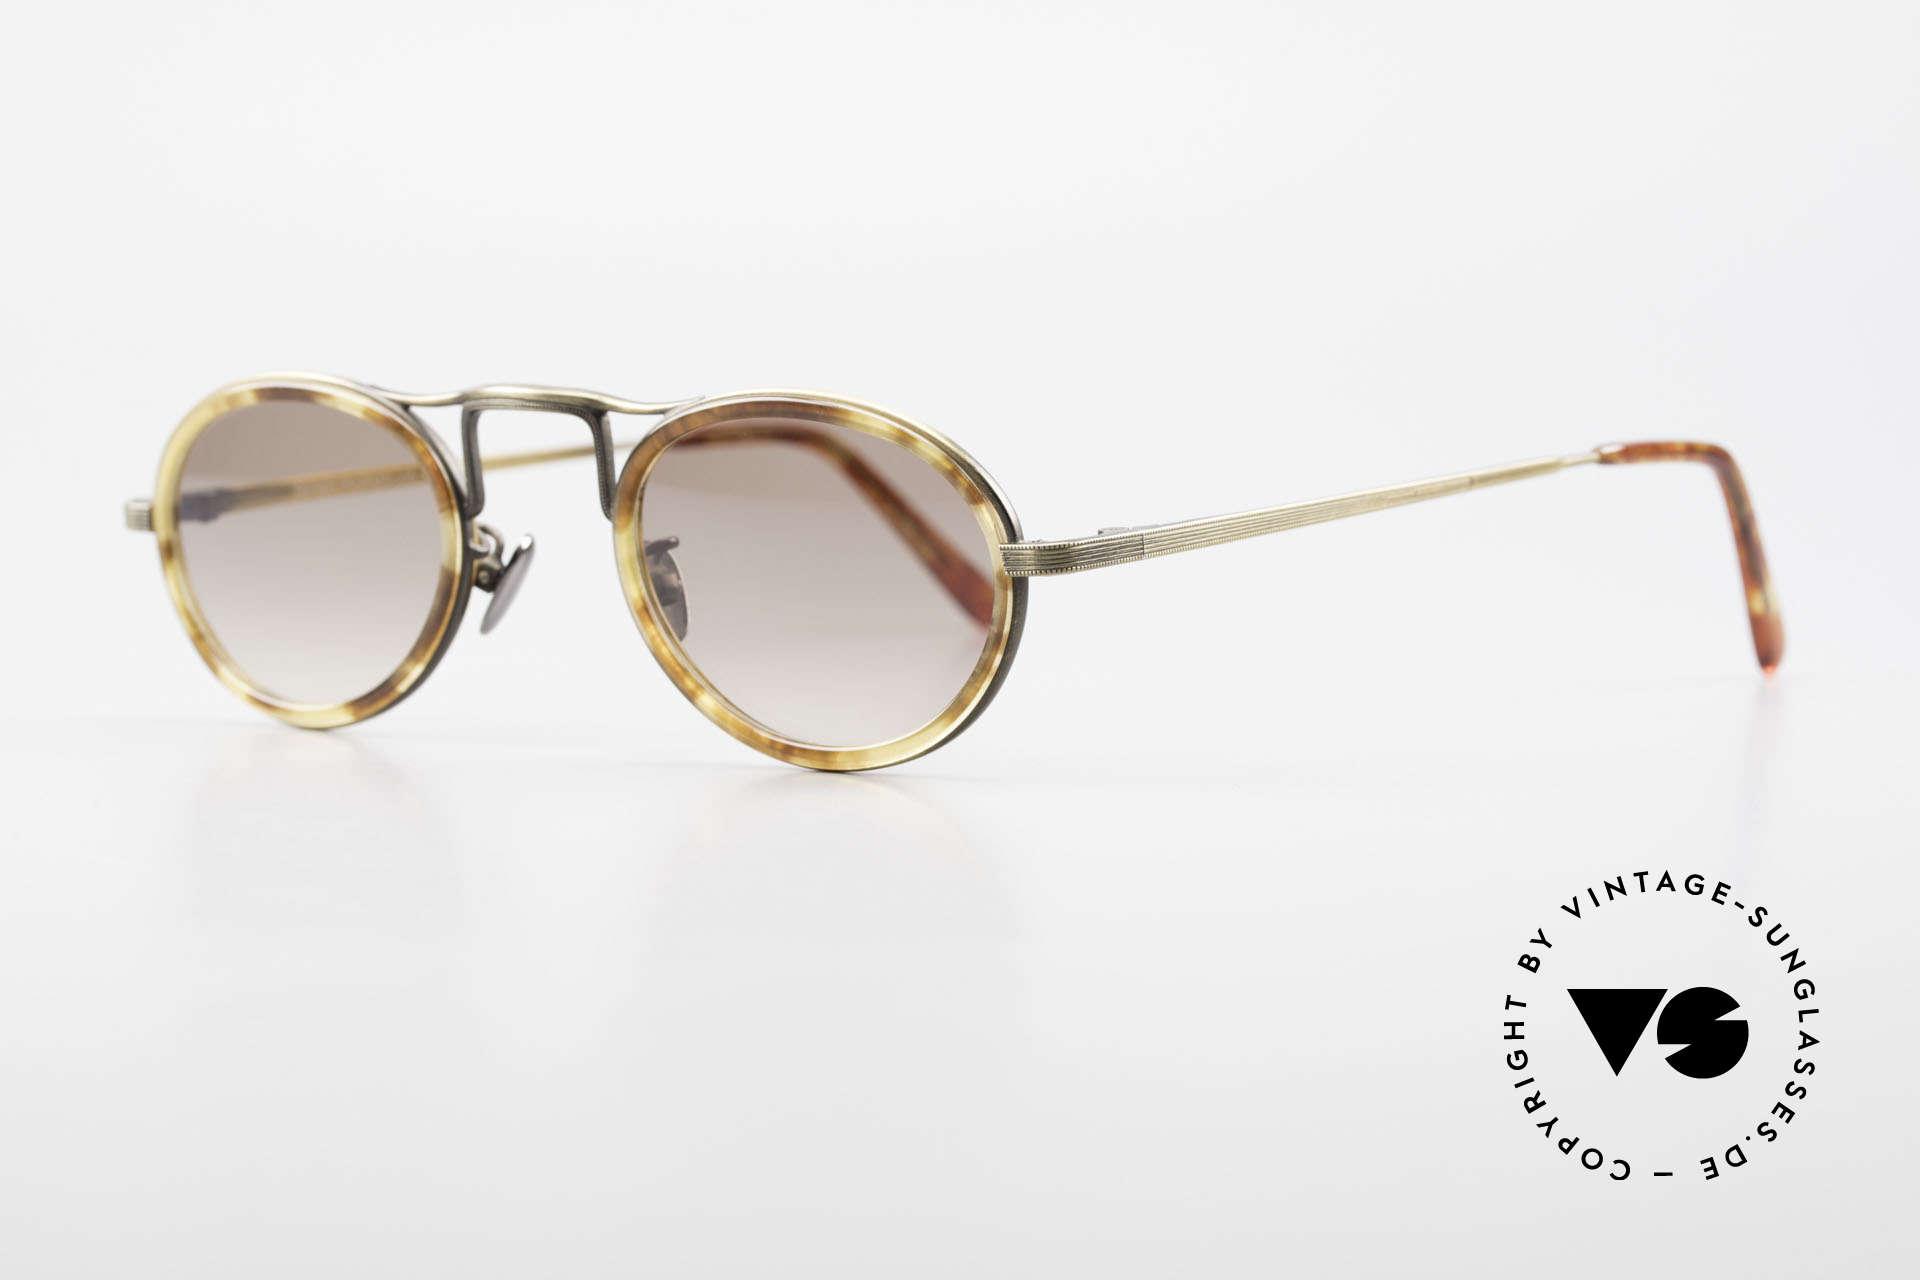 Oliver Peoples MP1 Vintage Designer Brille Oval, sehr interessantes Modell: zeitlos in Farbe und Form, Passend für Herren und Damen